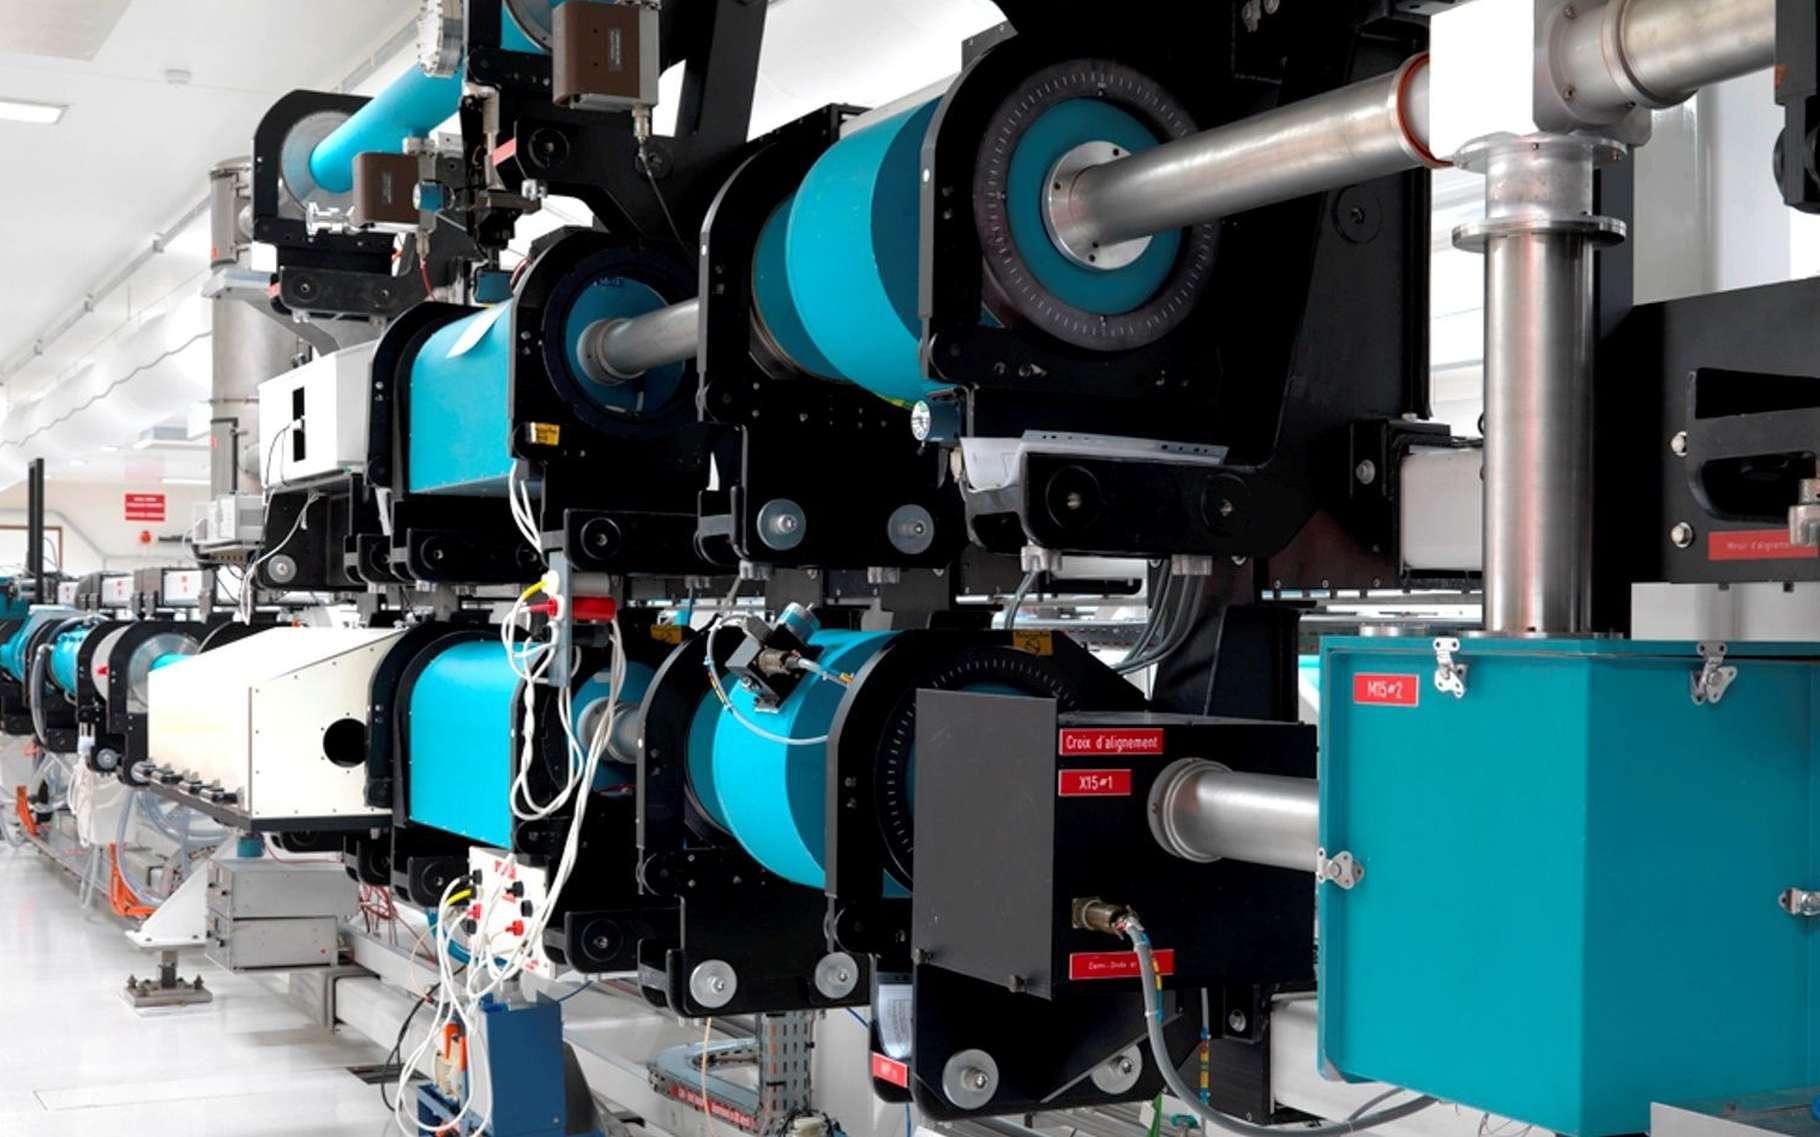 Une partie de l'équipement du laser de puissance au Luli, le Laboratoire pour l'Utilisation des Lasers Intenses, une unité mixte de recherche (CNRS, École Polytechnique, CEA, université Pierre et Marie Curie). Cet instrument sert à étudier la physique des plasmas chauds, depuis les atomes jusqu'aux étoiles en passant par les planètes. © Luli